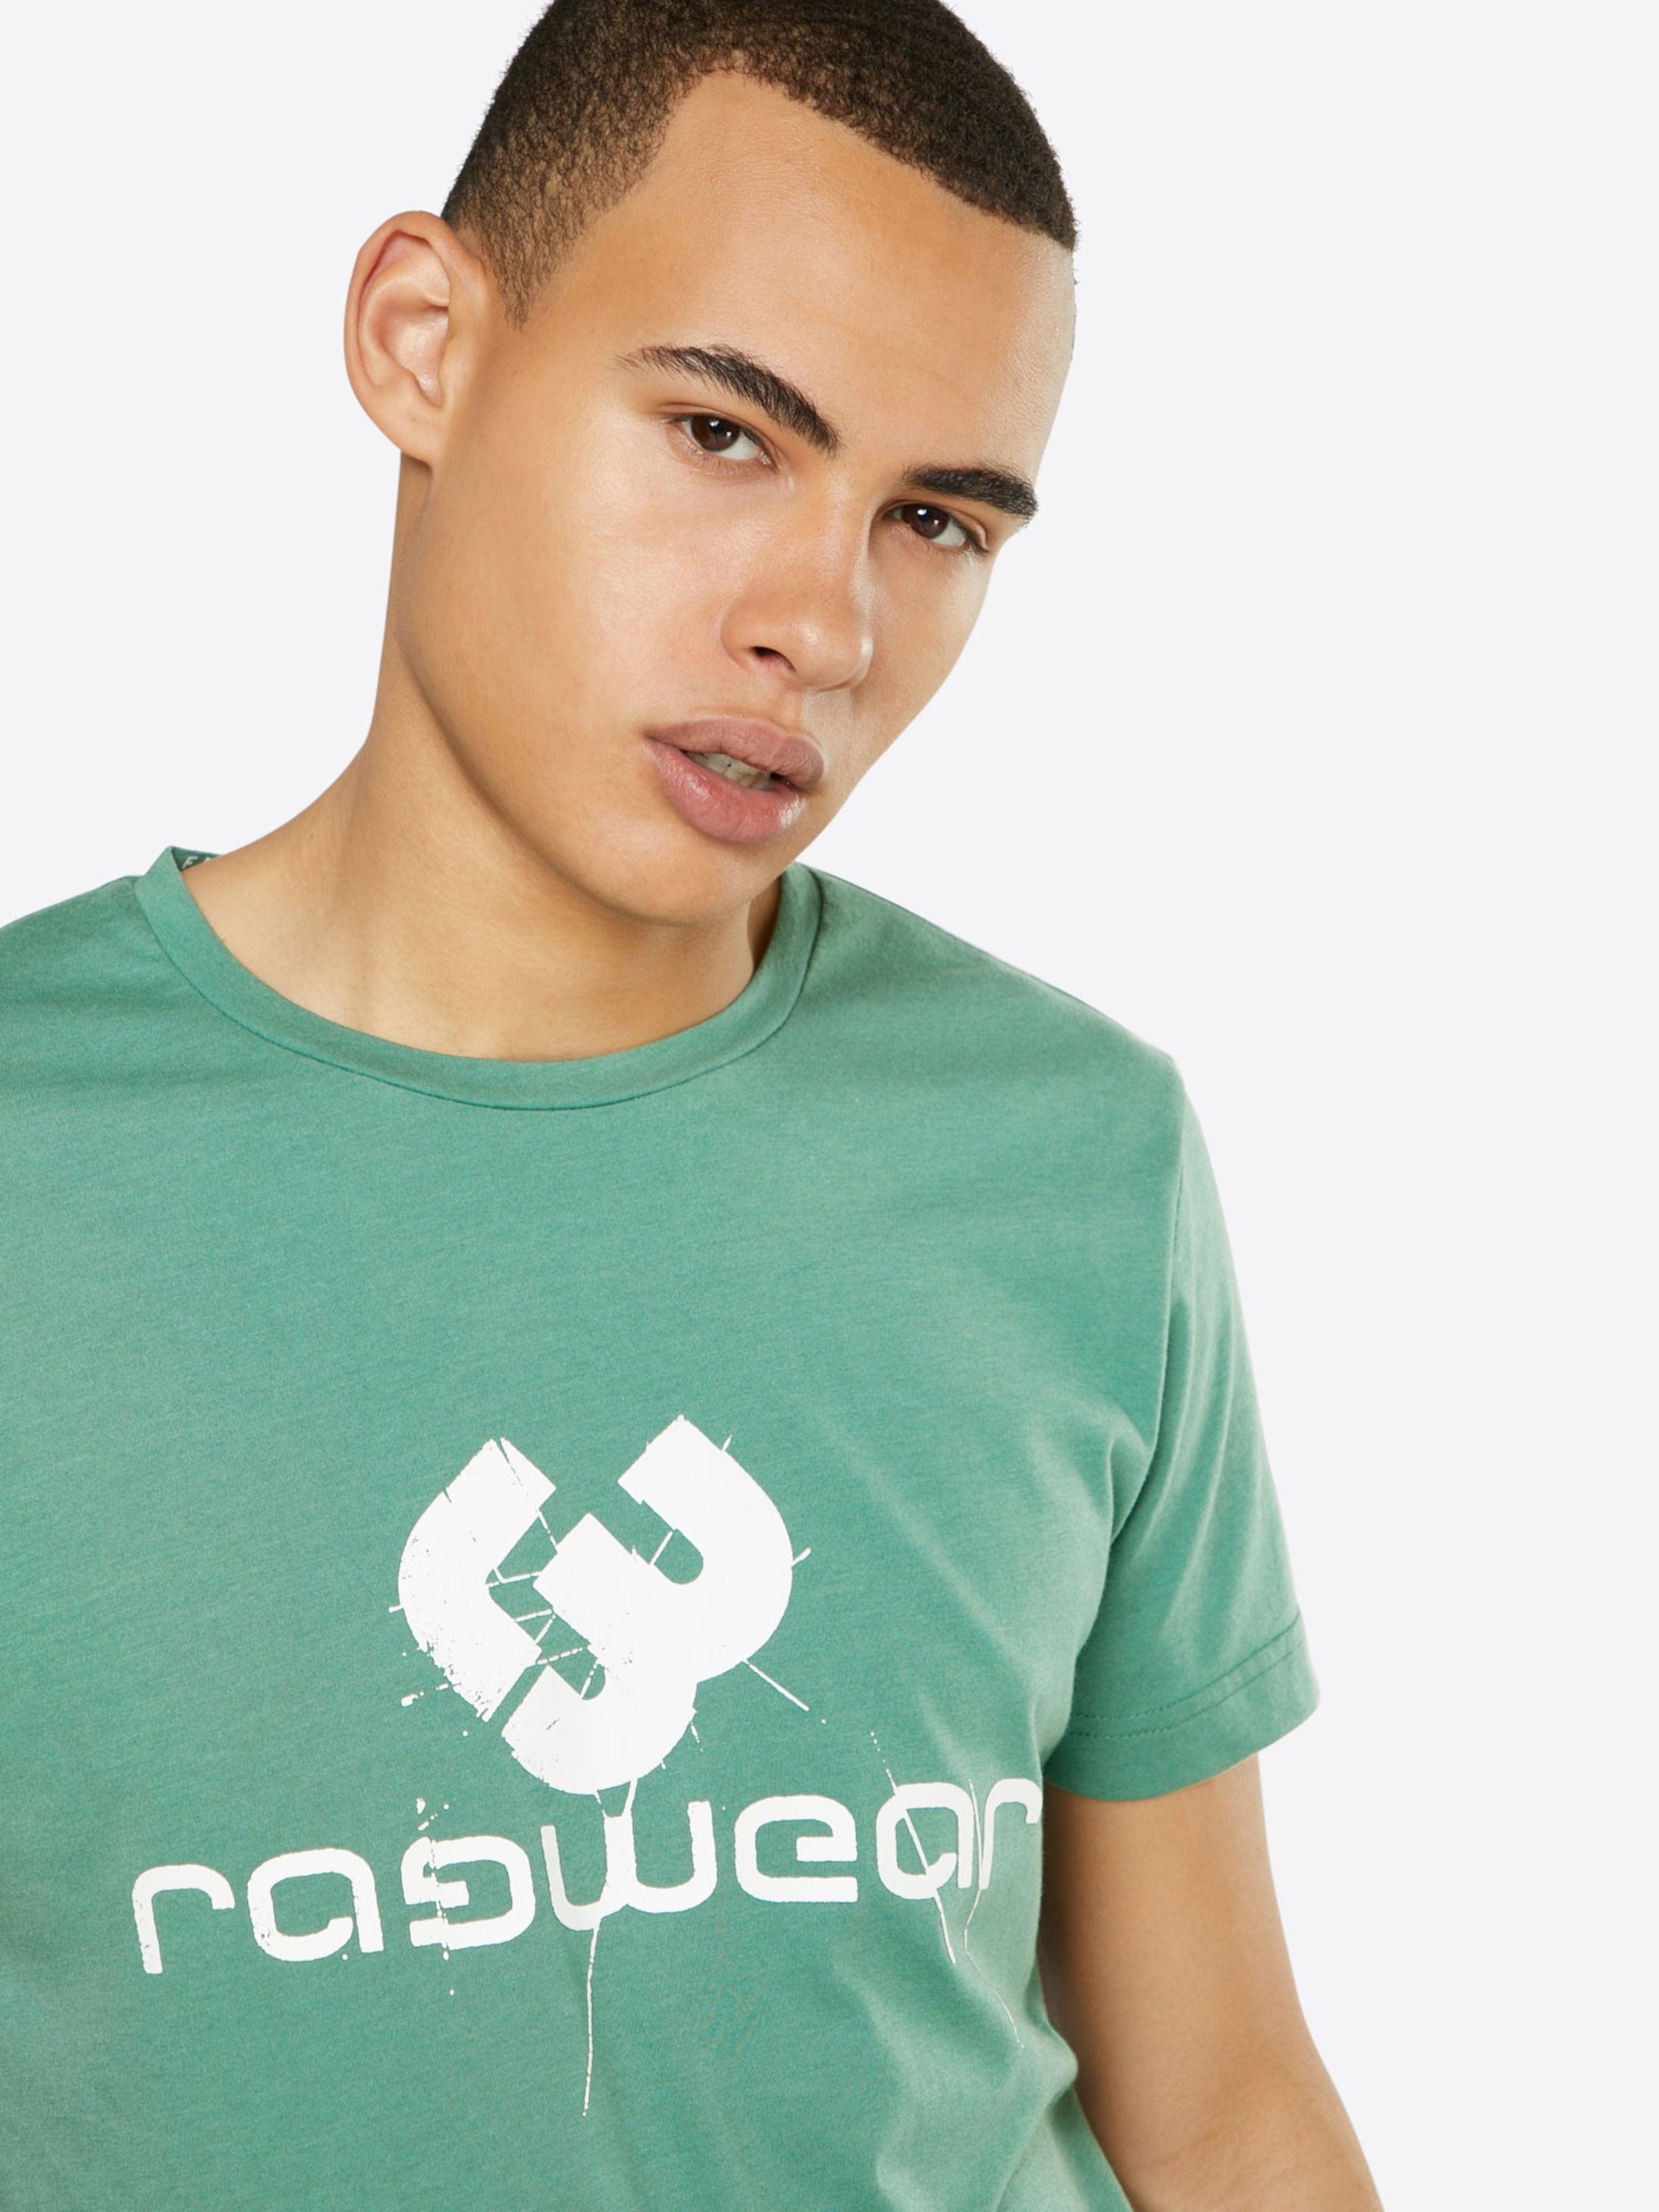 Große Überraschung Ragwear T-Shirt 'CHARLES' Günstig Kaufen Perfekt Auslass Für Schön SRZ9e0f